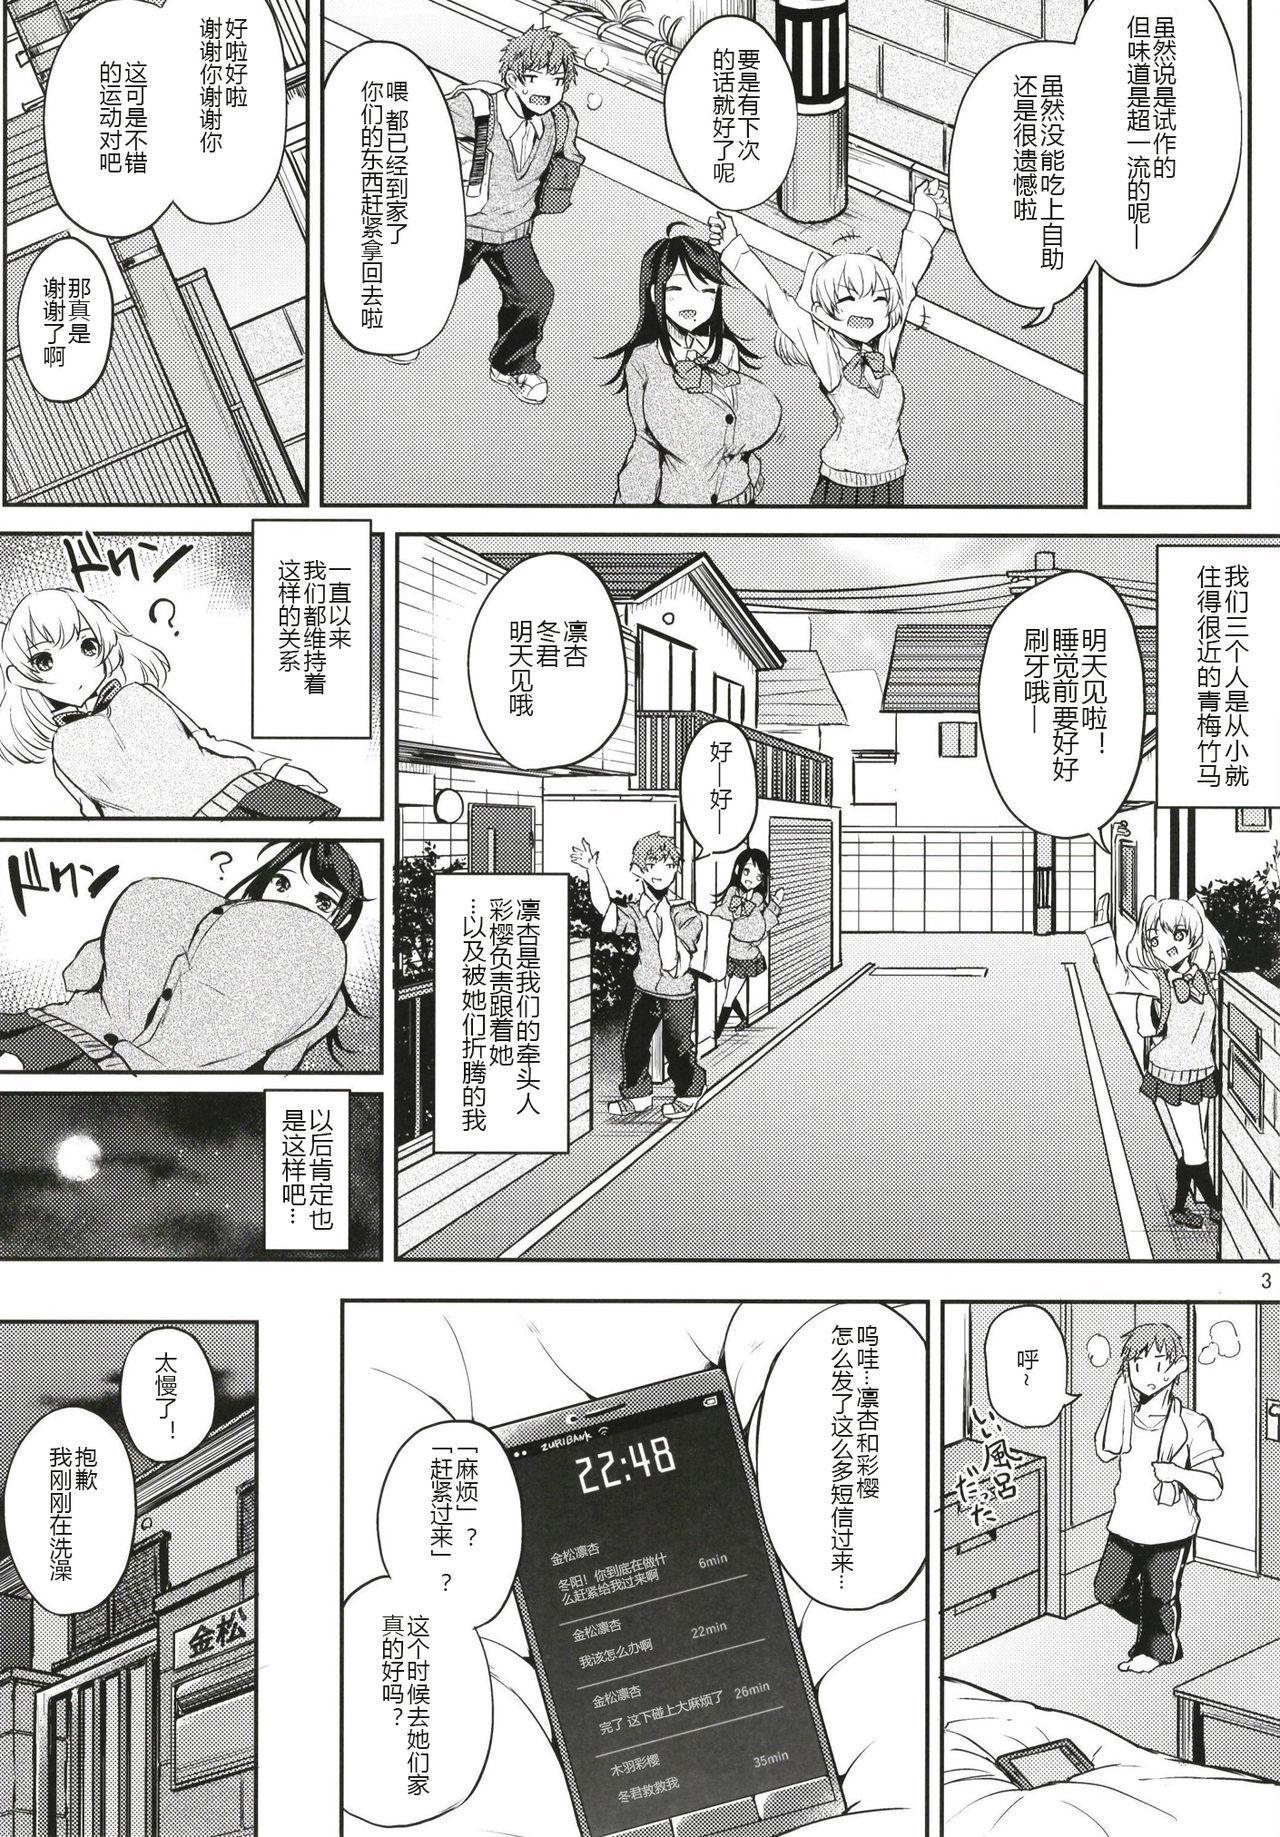 Kusuri mo Sugireba Chichi to Naru 87